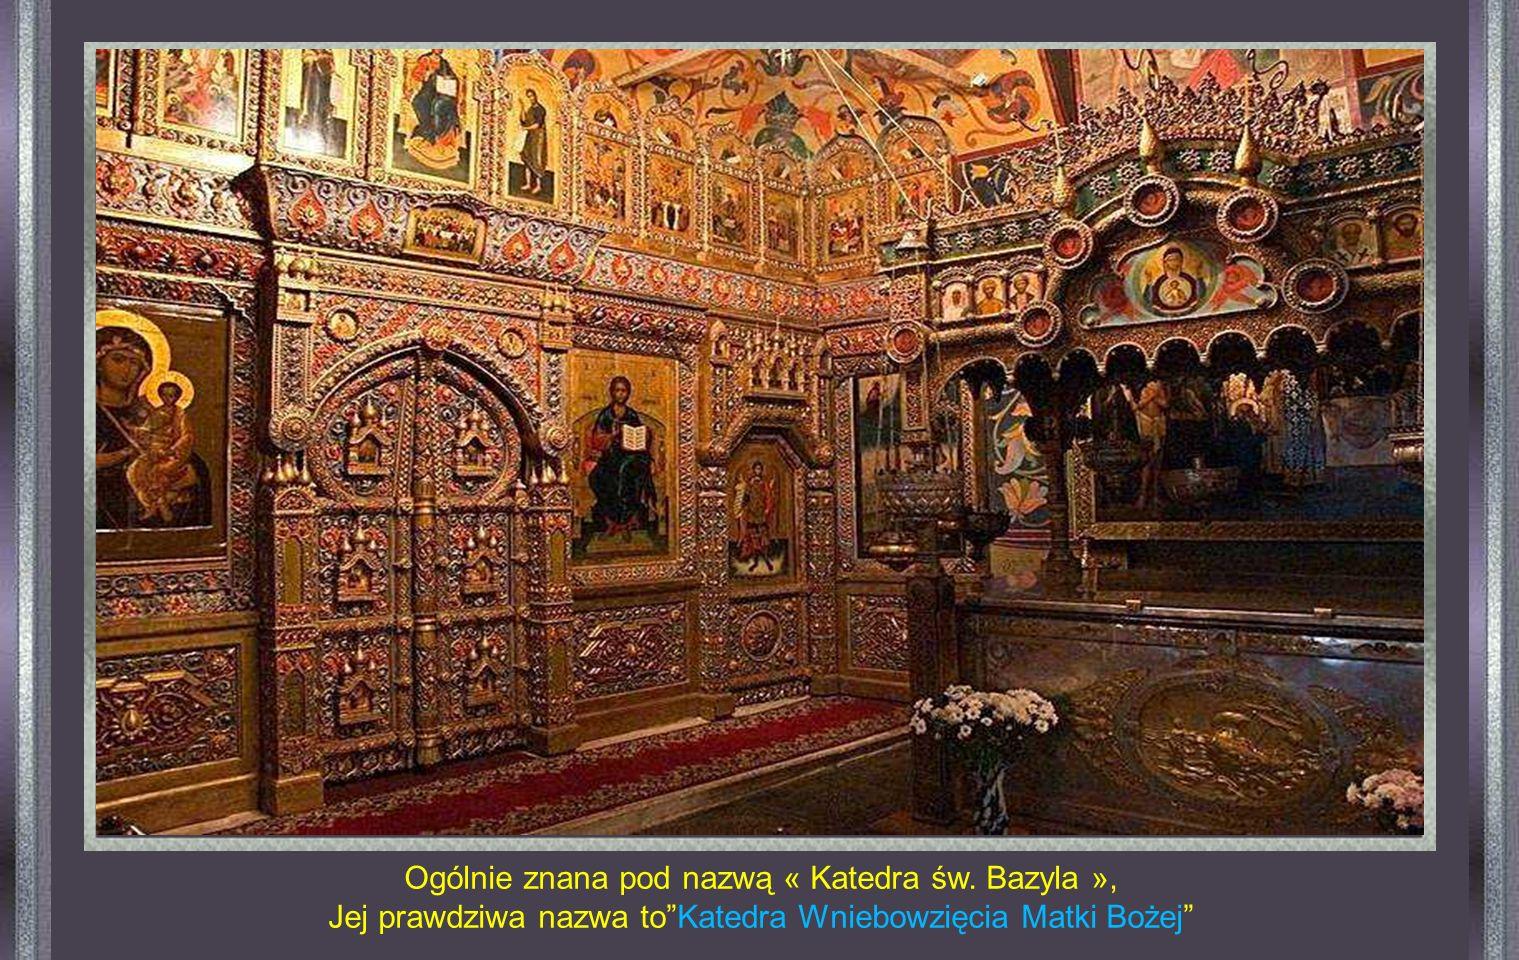 Ogólnie znana pod nazwą « Katedra św. Bazyla »,